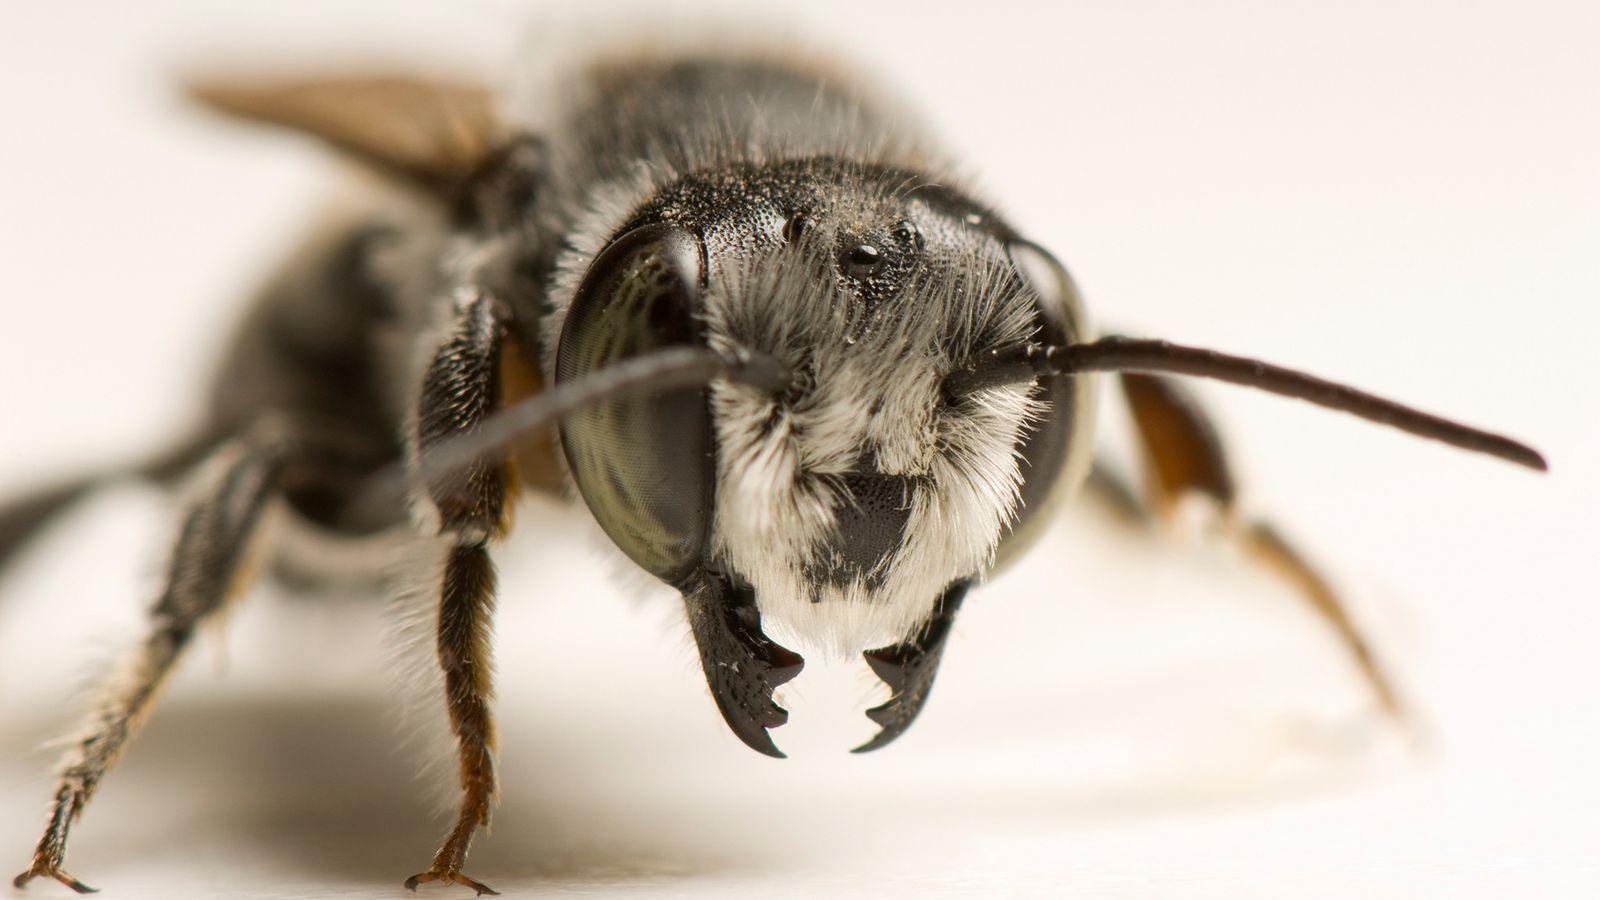 Retrato de una abeja cortadora de hojas, la especie que se cree que está utilizando plástico ...